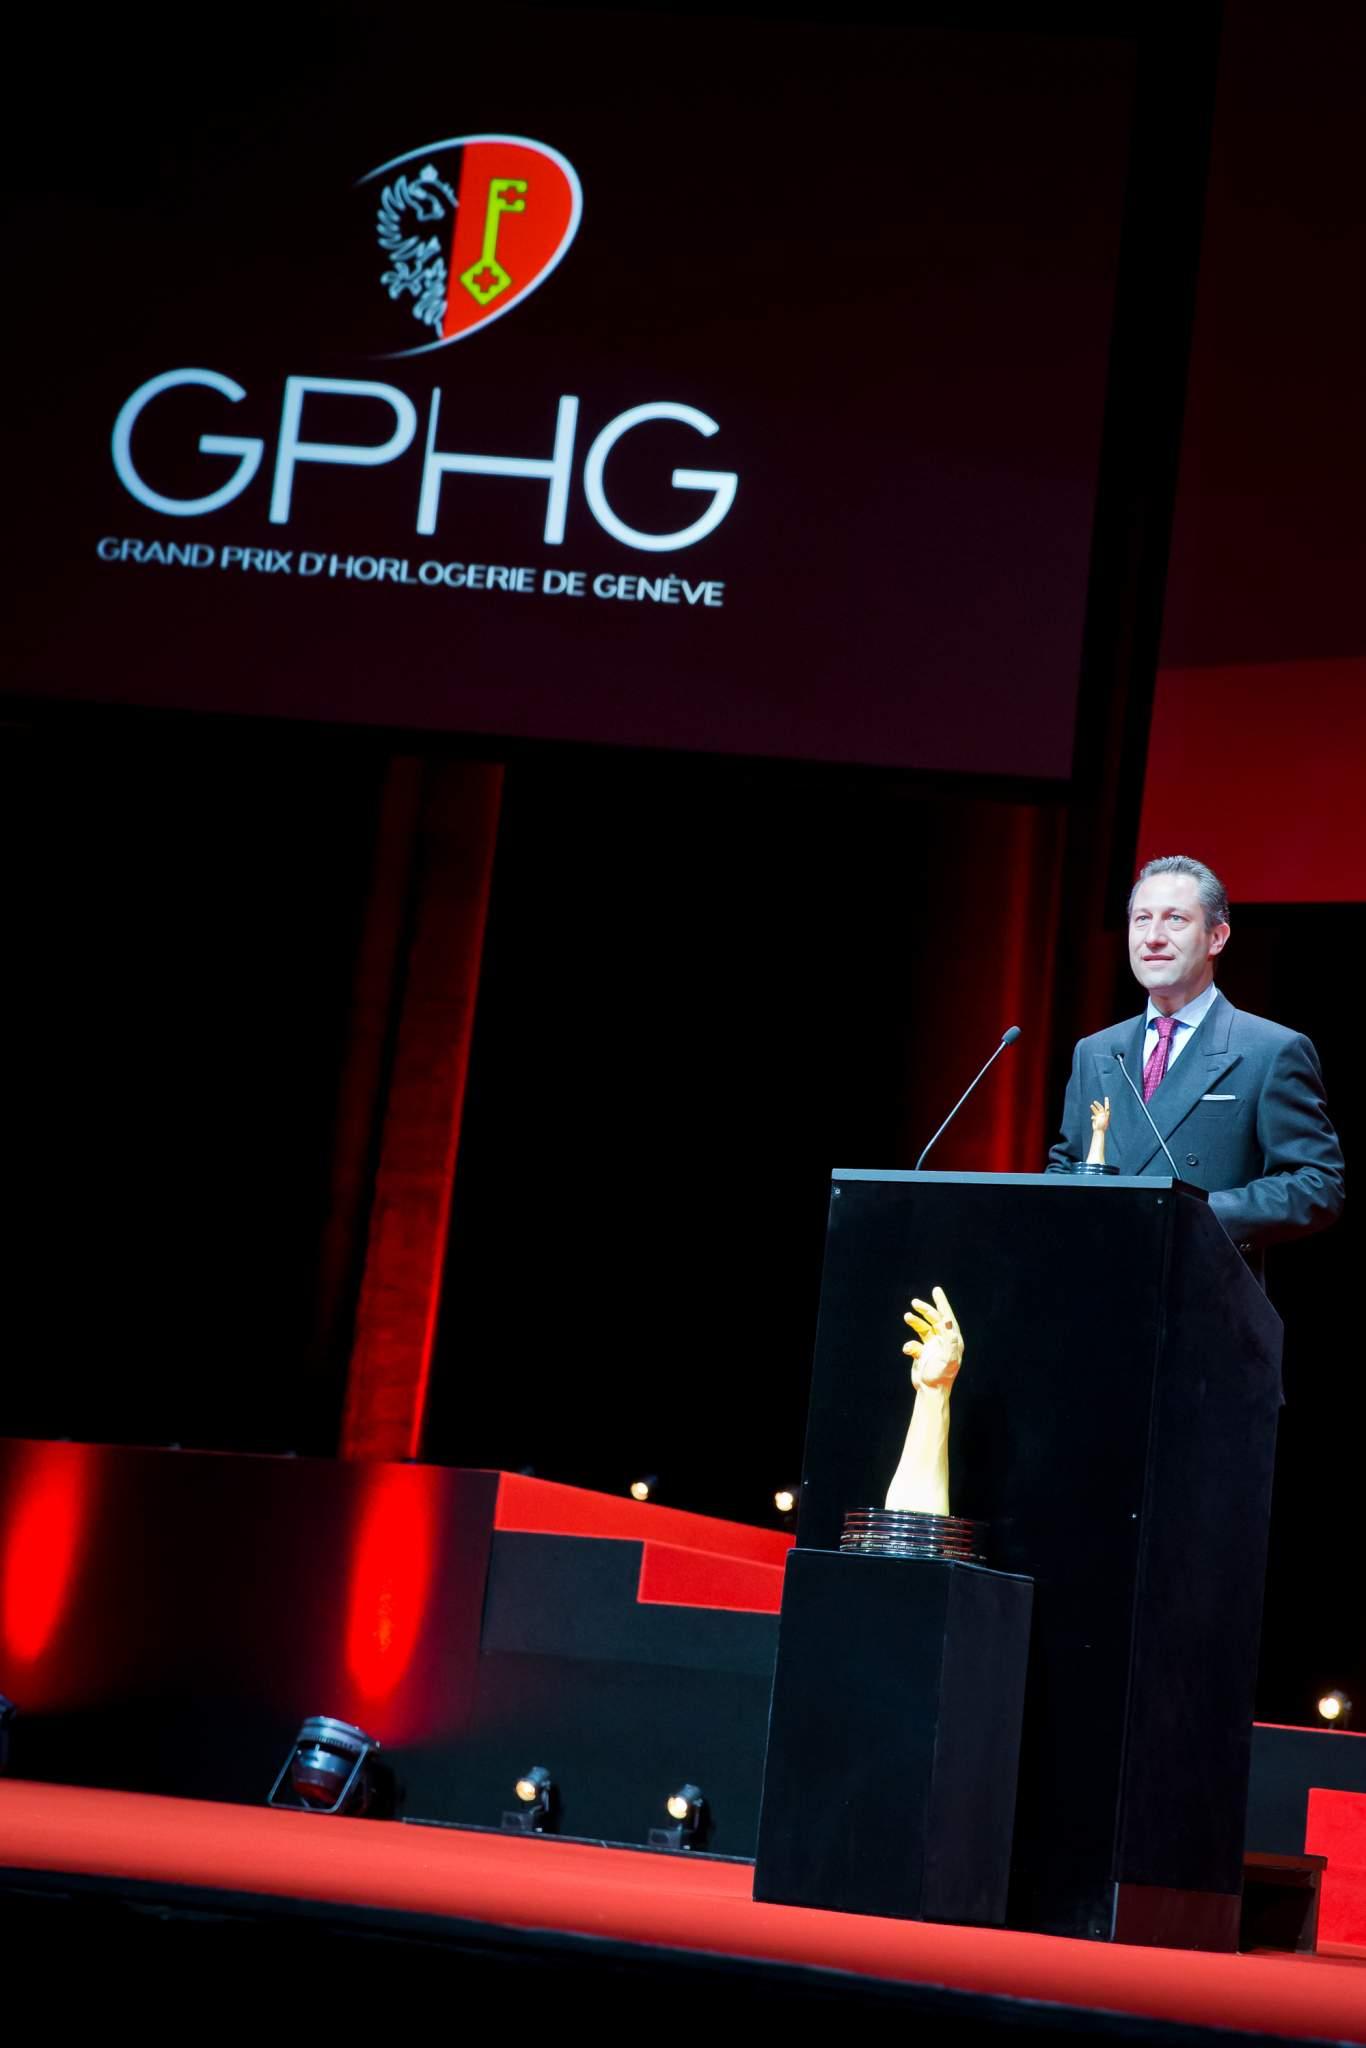 Aurel Bacs, president of the Jury 2013